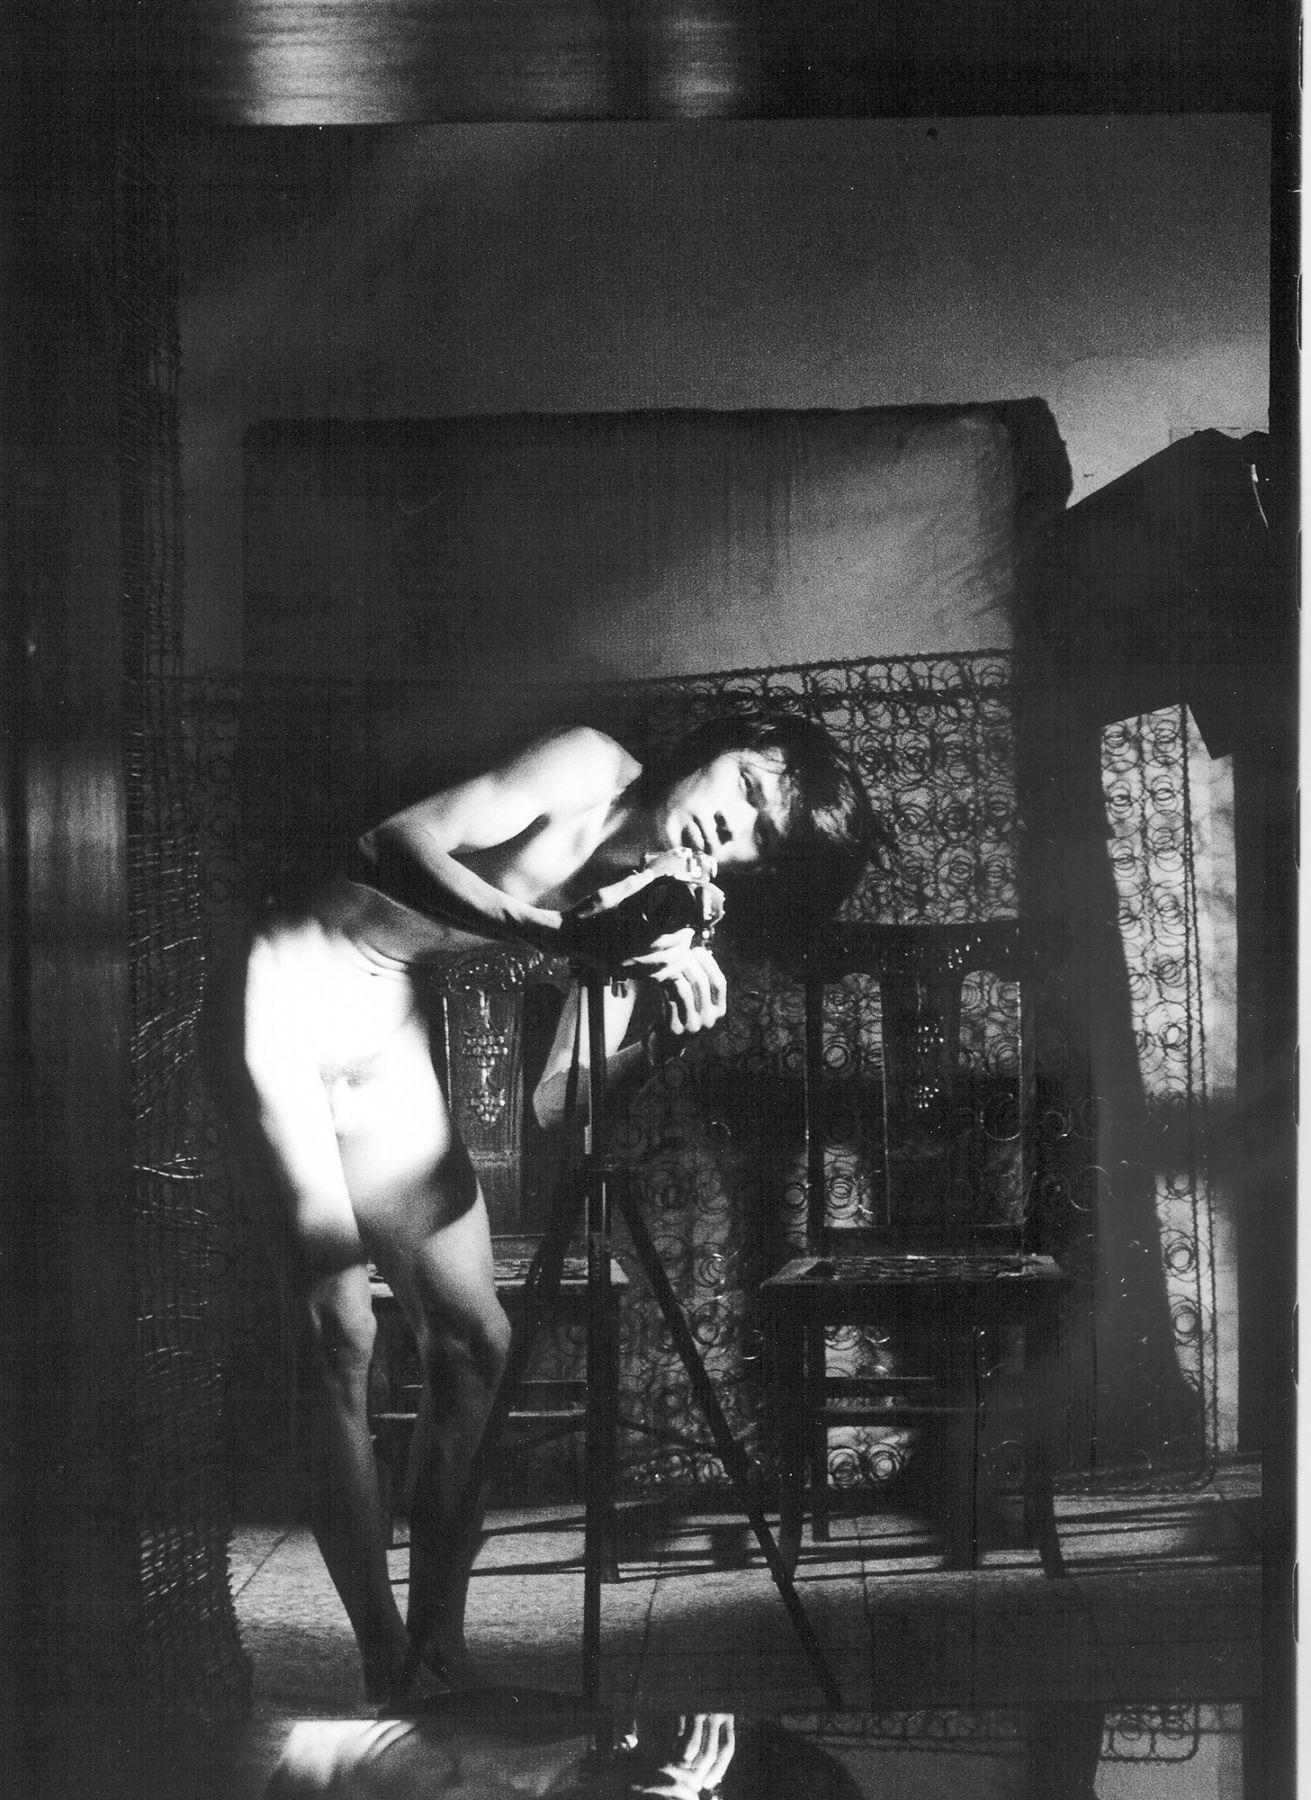 Self-portrait, Beijing No. 0 自拍像, 北京 No. 0, 1994